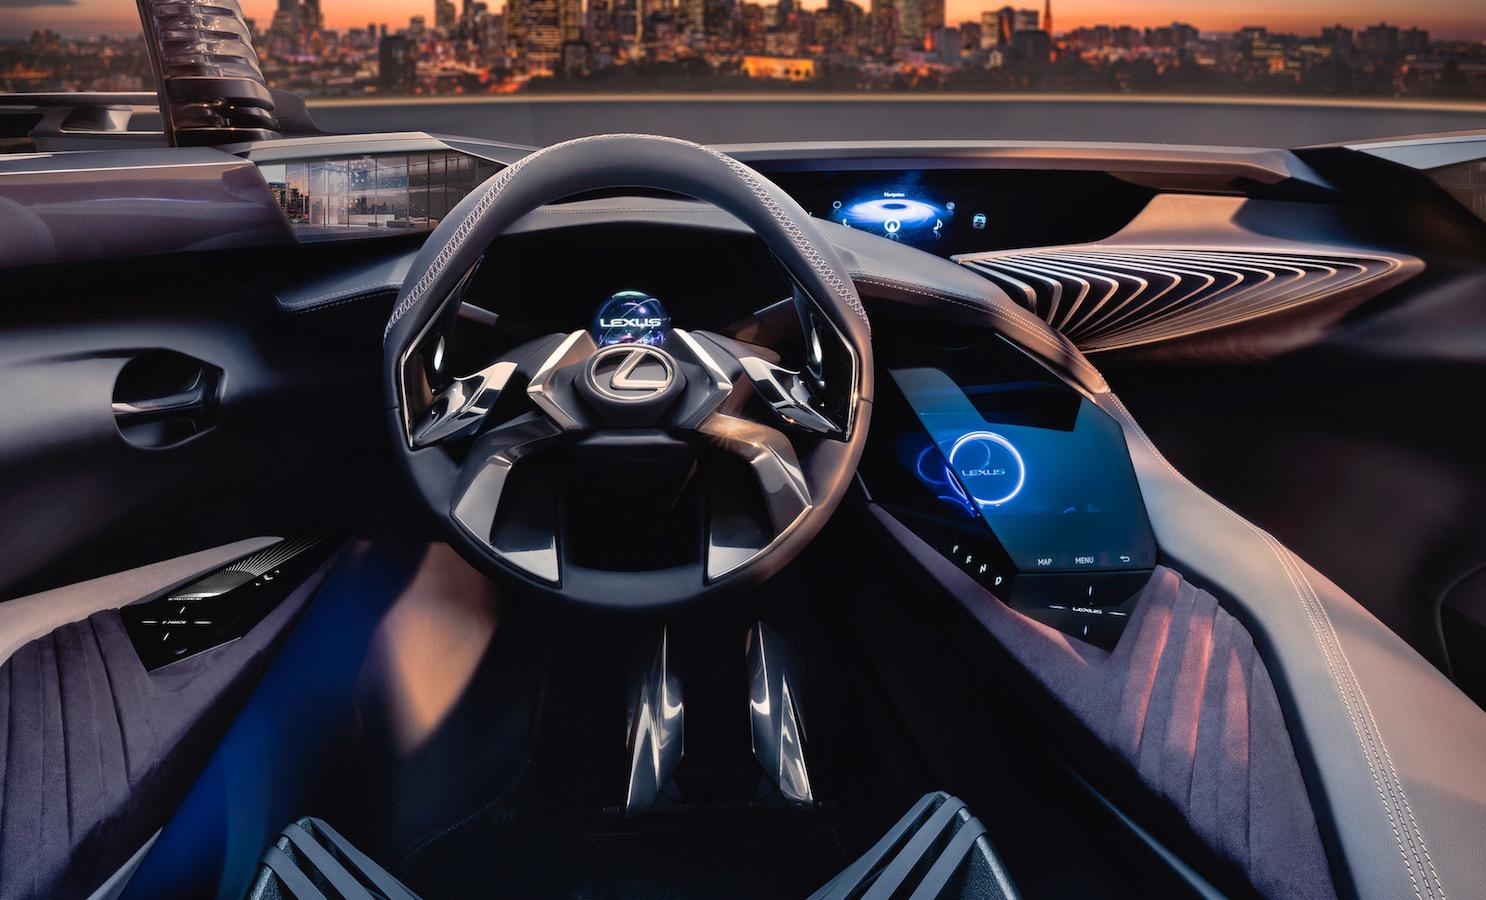 lexus ux interior teased, shows very futuristic design